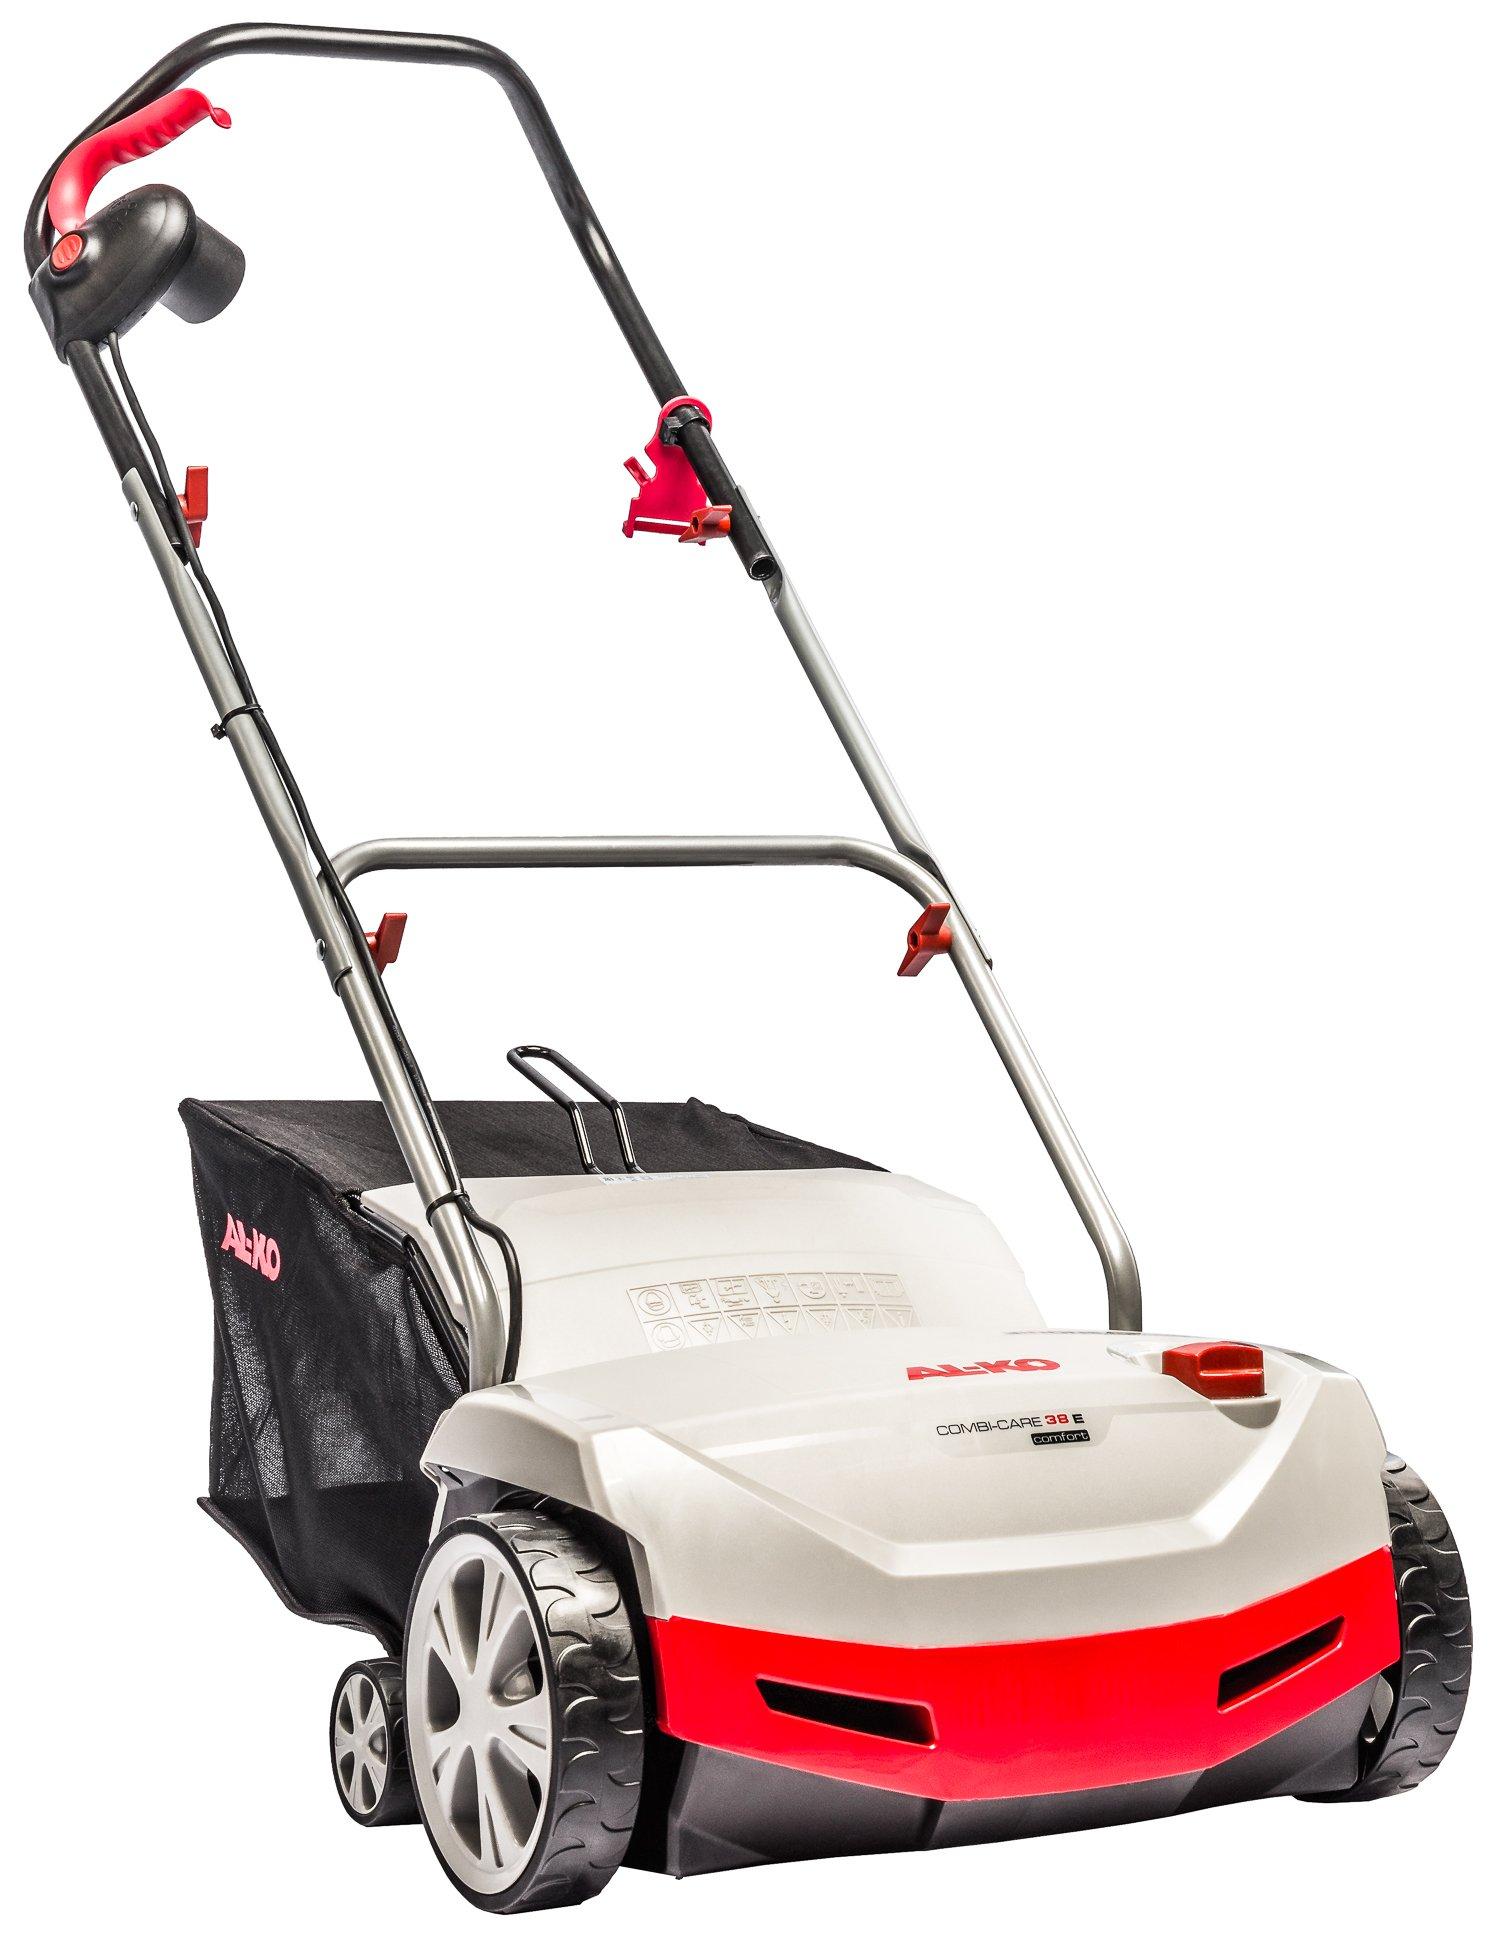 AL-KO Combicare 38 E Comfort Arieggiatore+Scarificatore (doppio rullo) elettrico 1300watt.Lavoro 38cm.Cesto 55l tela.Ideale 800mq. product image